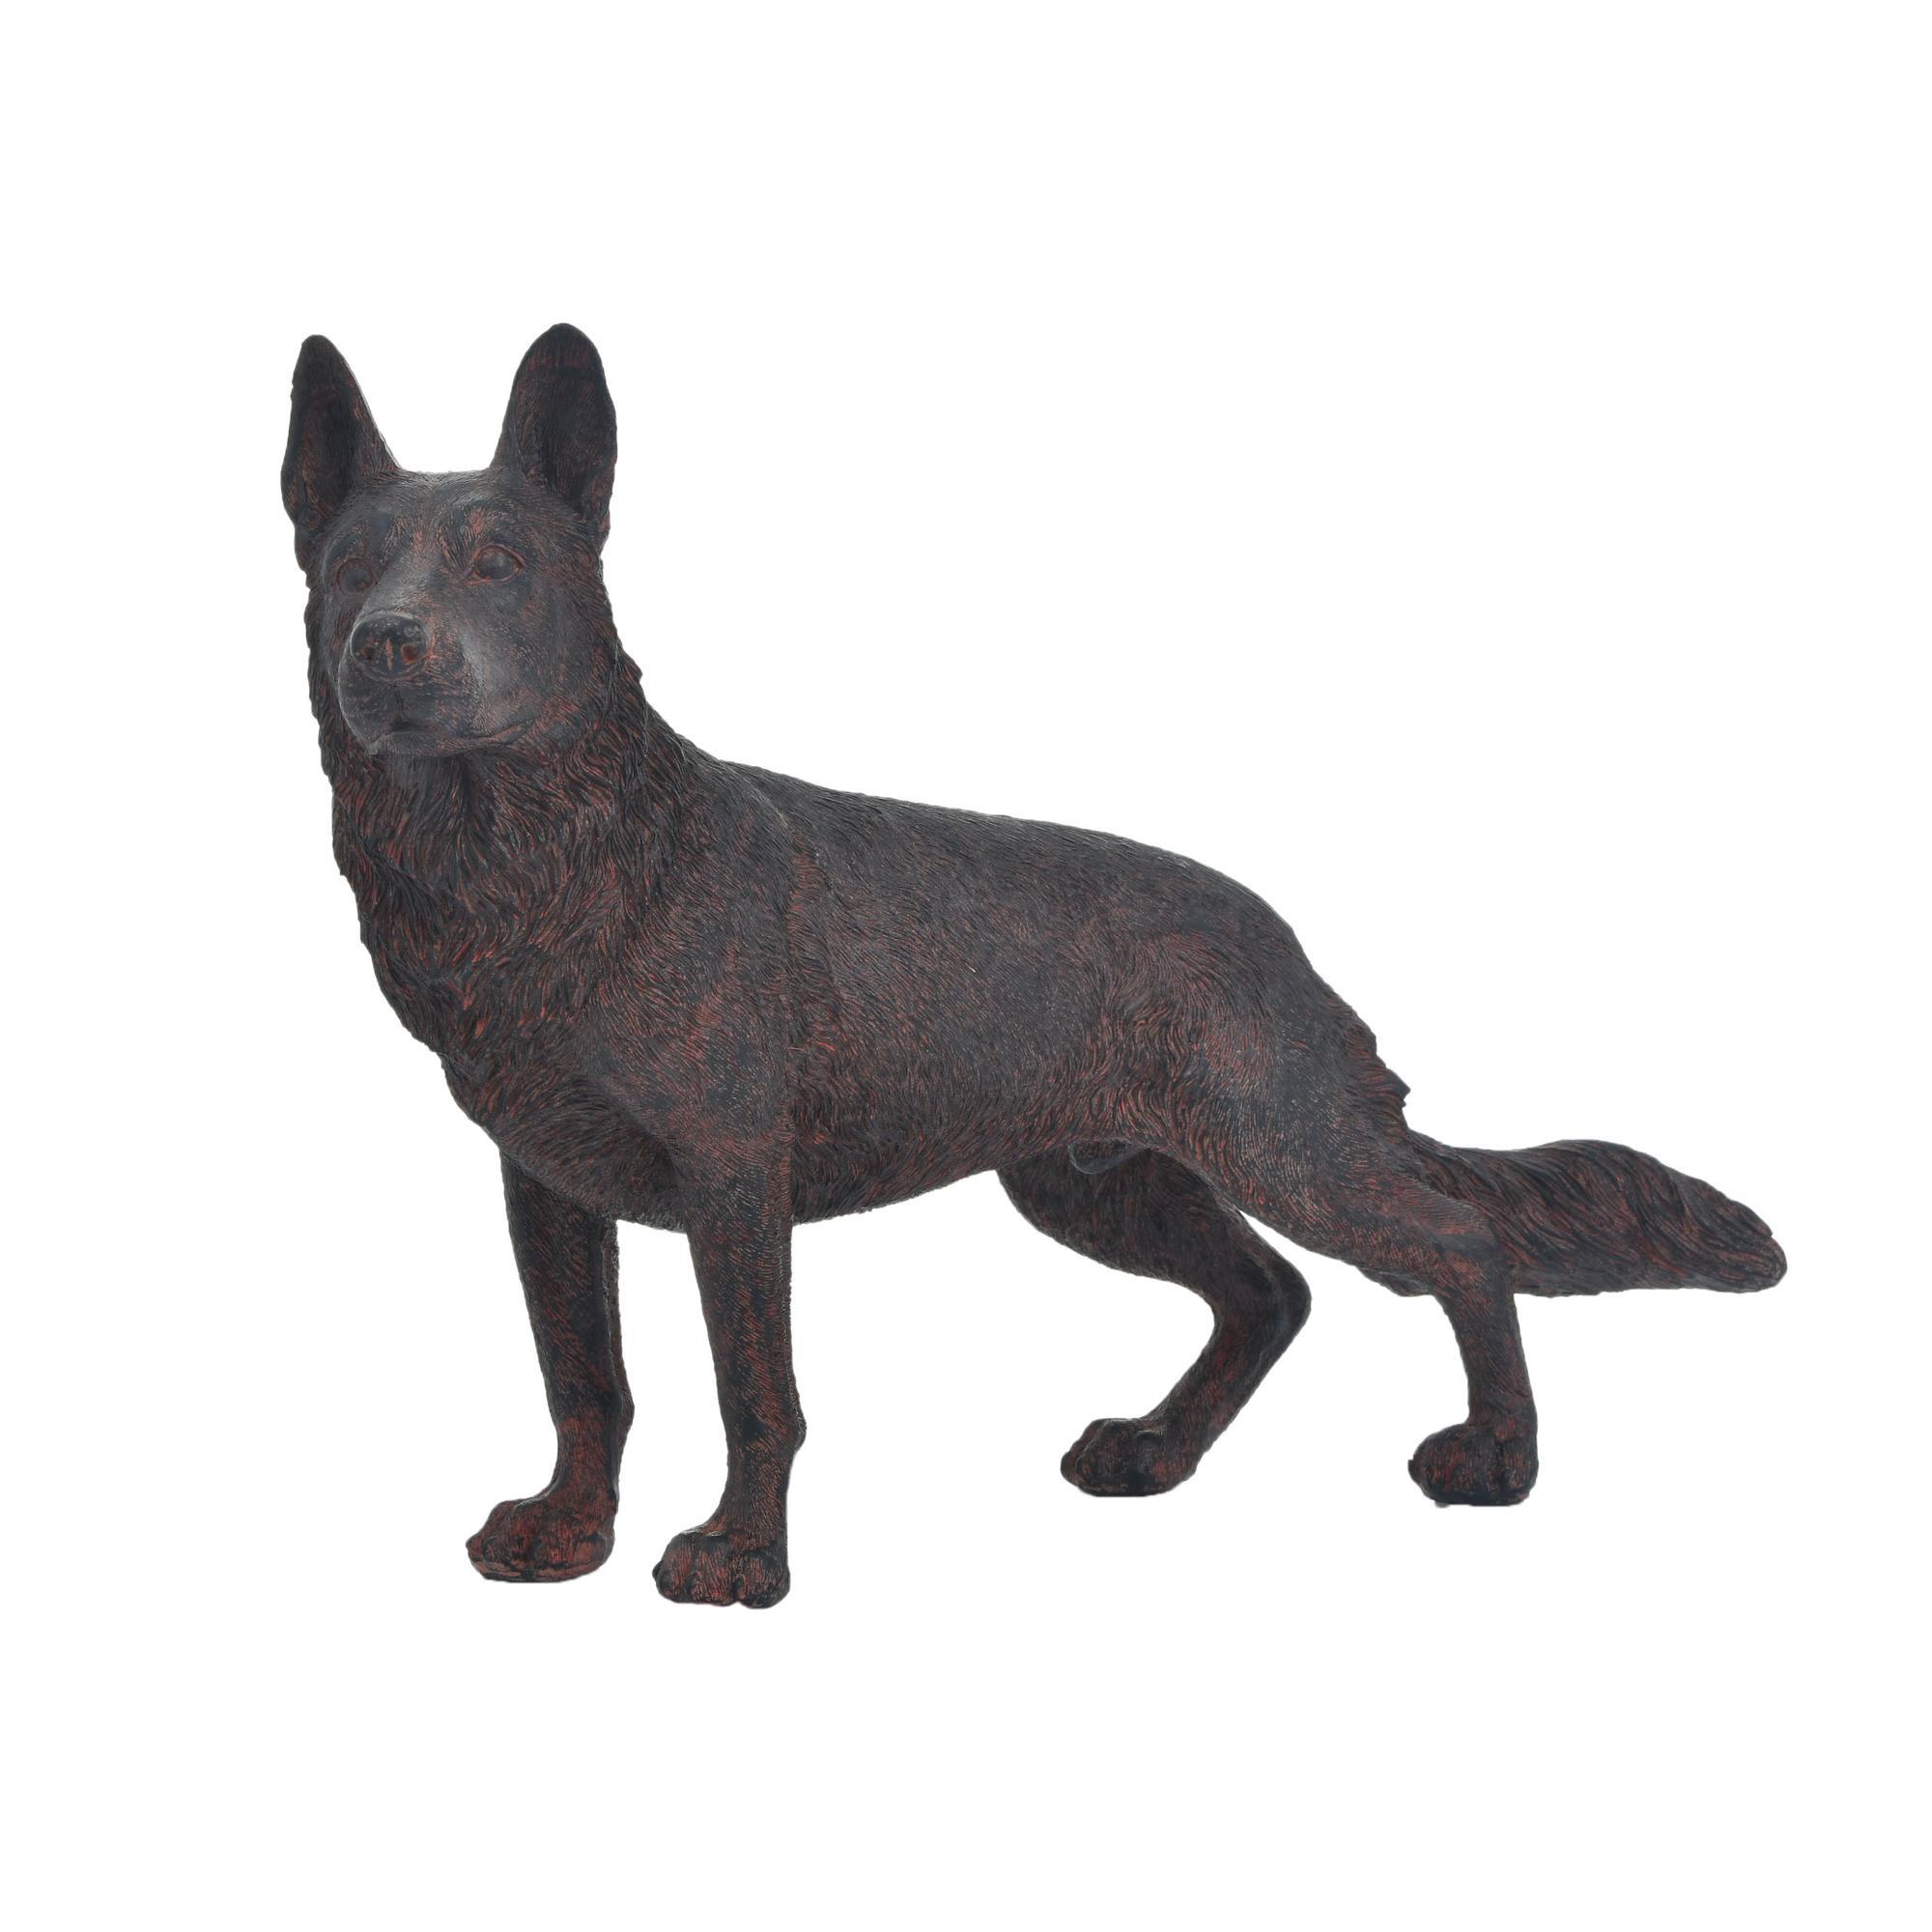 POLY FOX DÉCOR - 445-794928